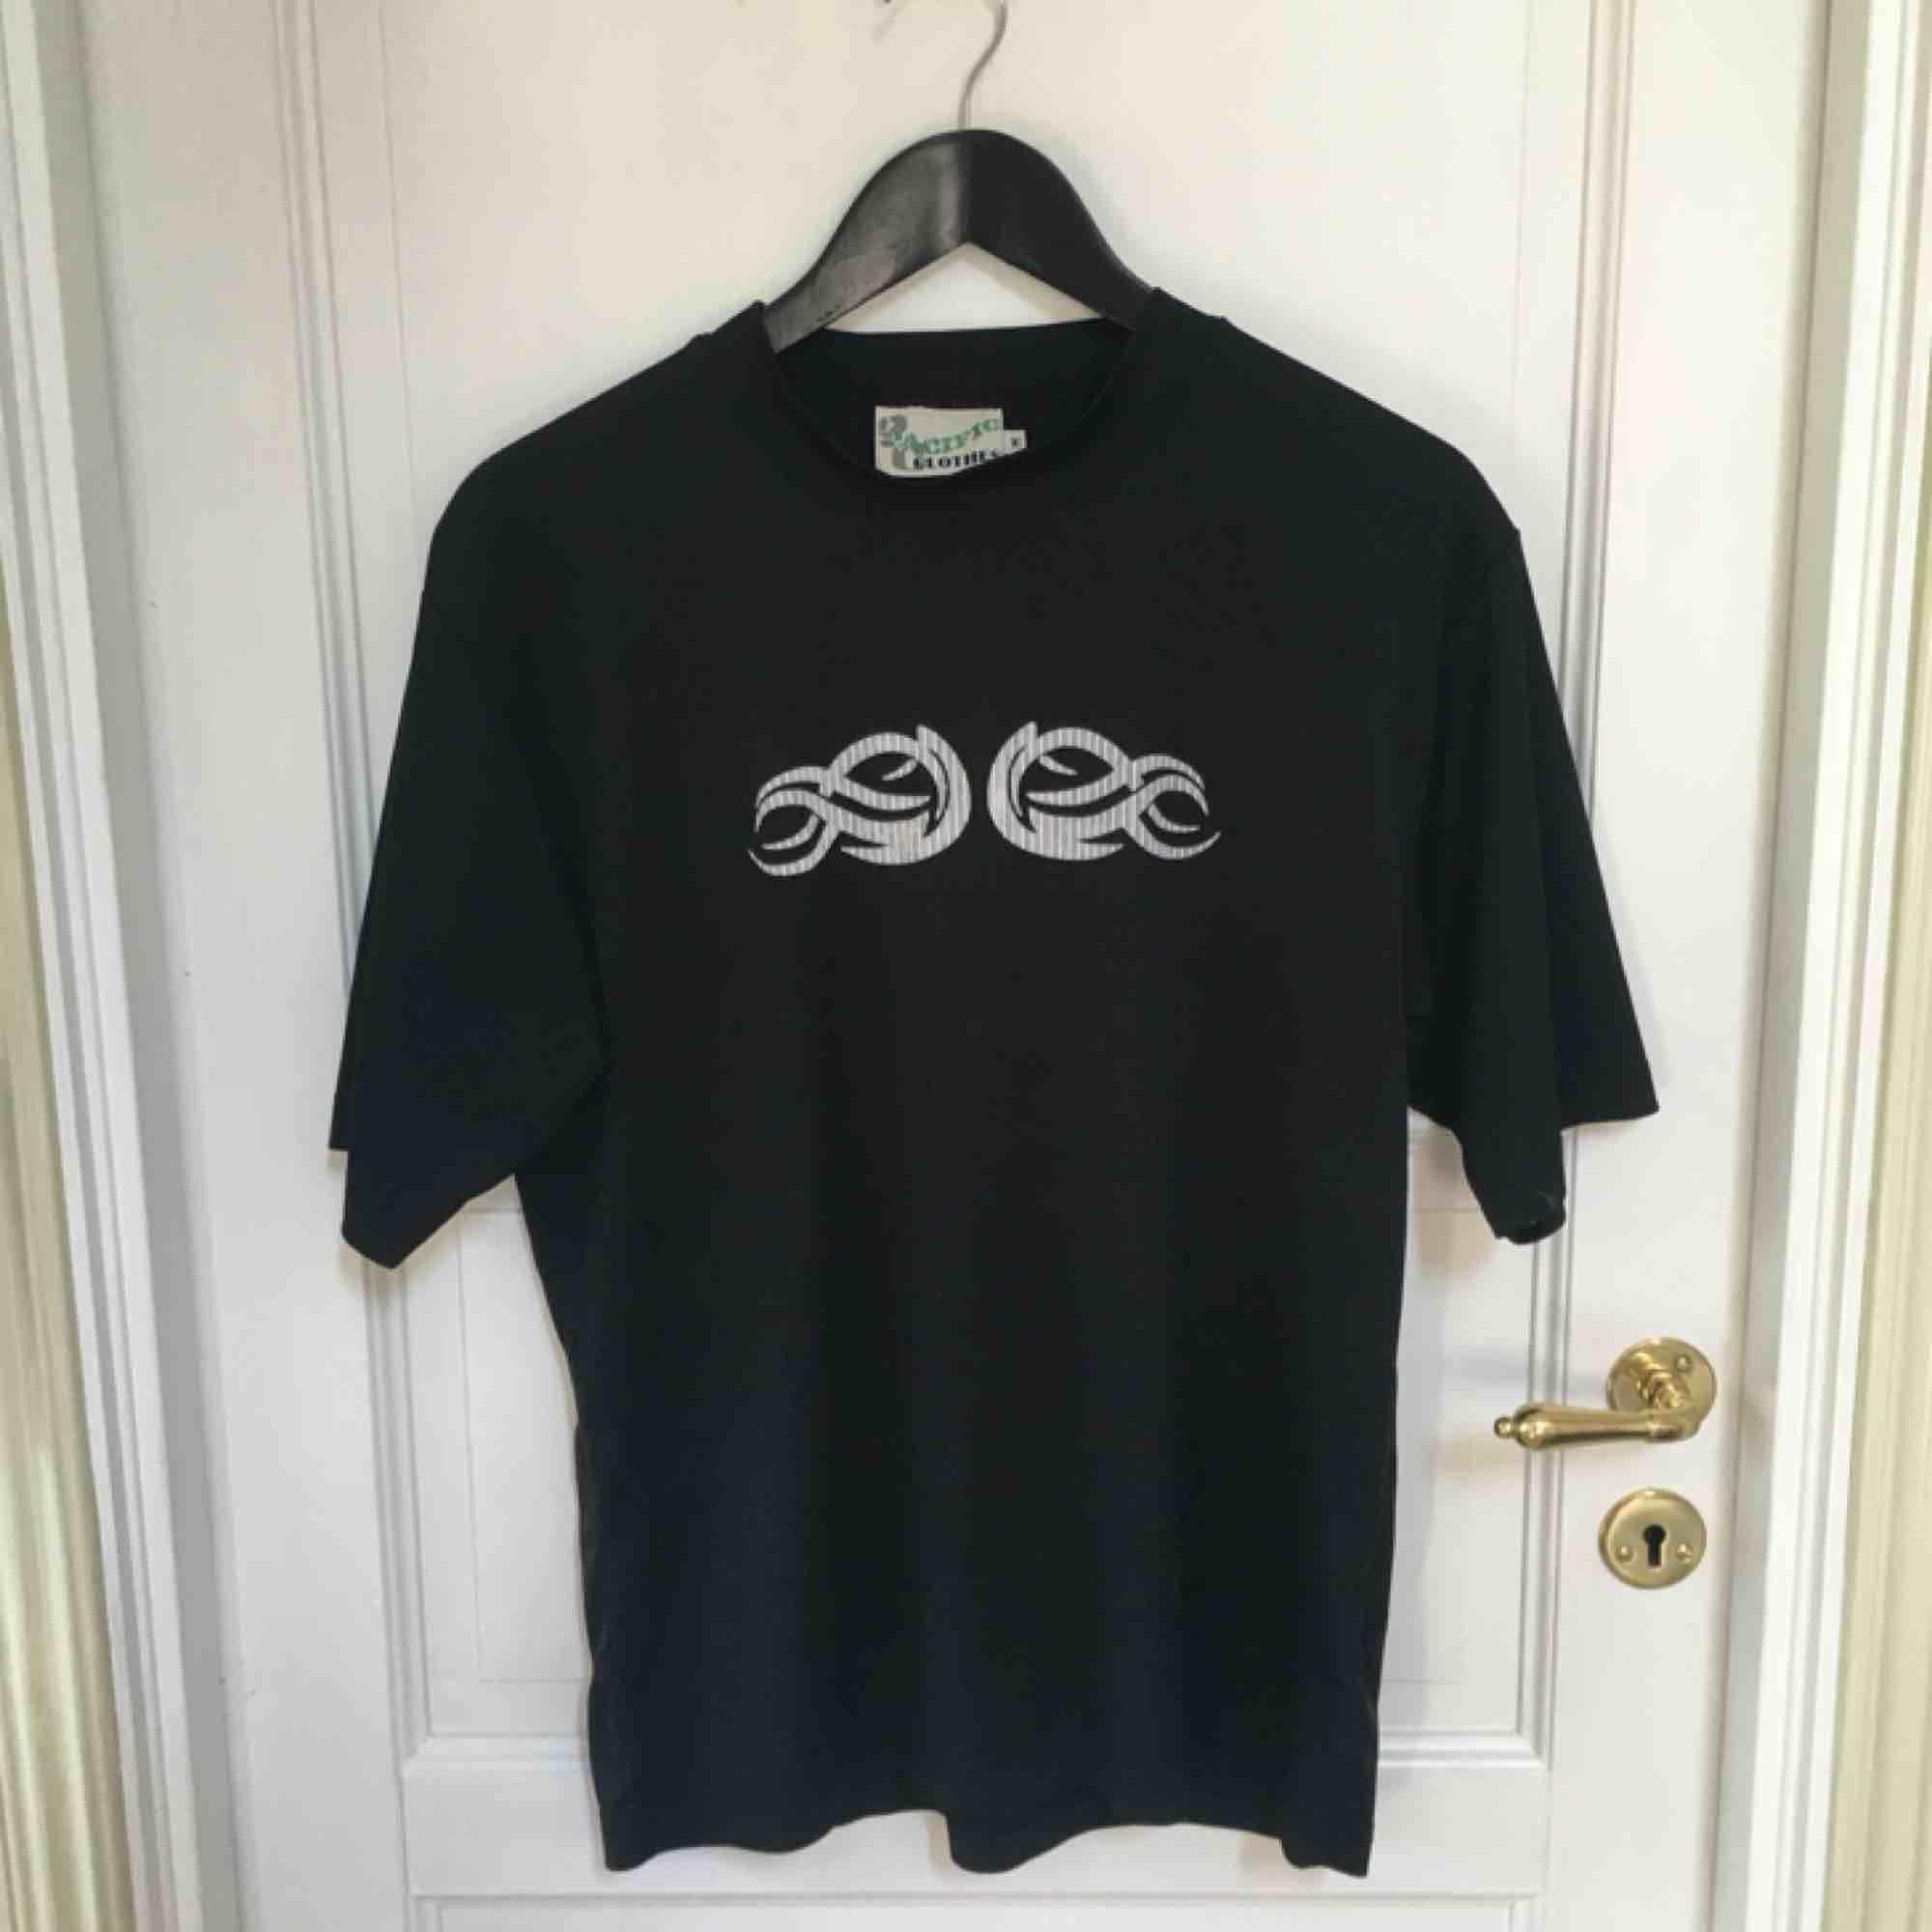 T-shirt i träningsmaterial. Använd några gånger men bra skick, dock en fläck (sista bilden). Köpt på humana. T-shirts.